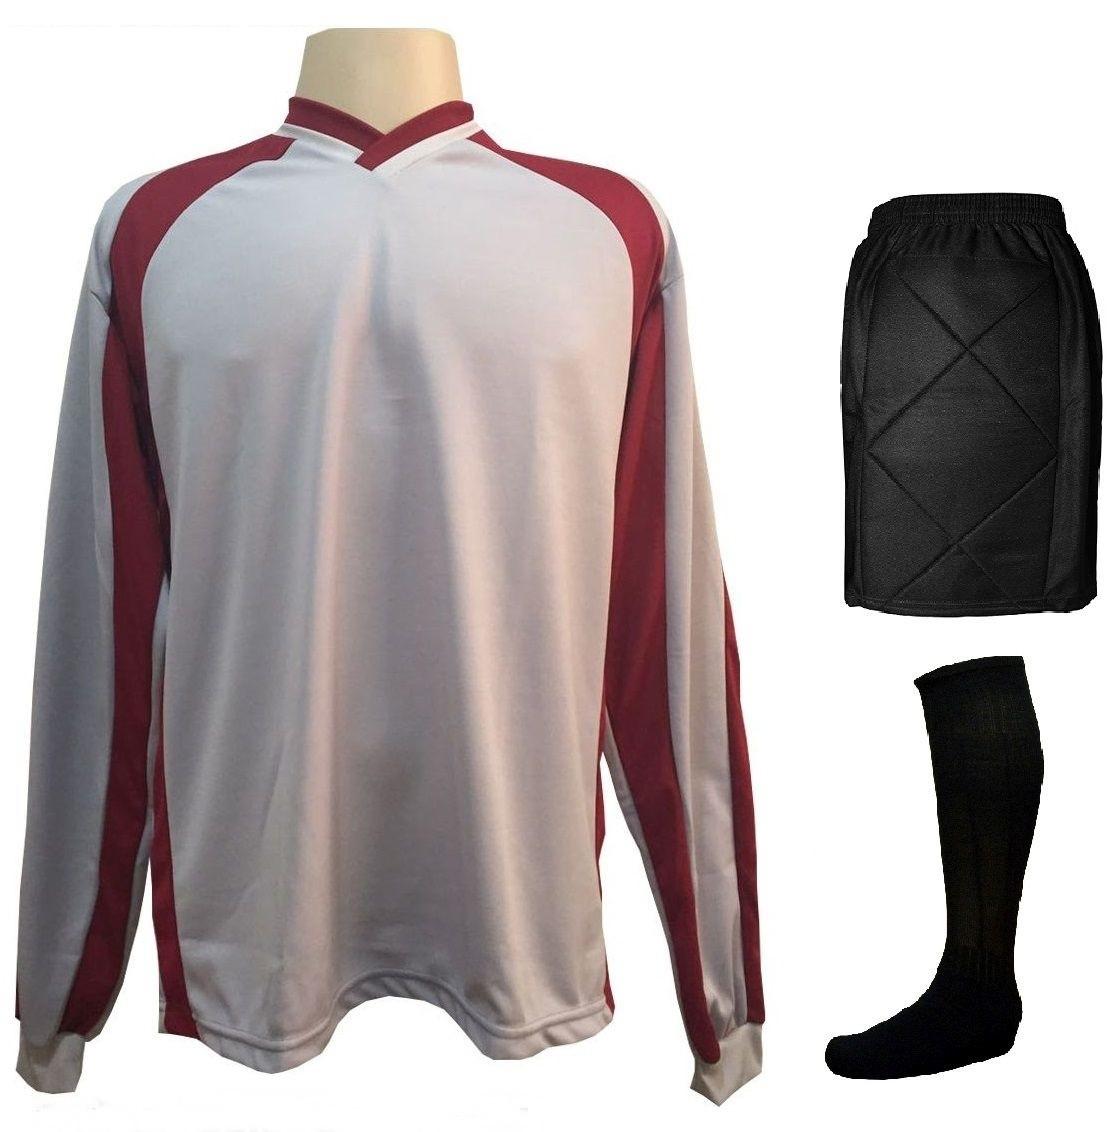 Uniforme Esportivo Completo Modelo Suécia 14+1 (14 Camisas Branco/Vermelho + 14 Calções Modelo Copa Vermelho/Branco + 14 Pares de Meiões Vermelhos + 1 Conjunto de Goleiro) + Brindes